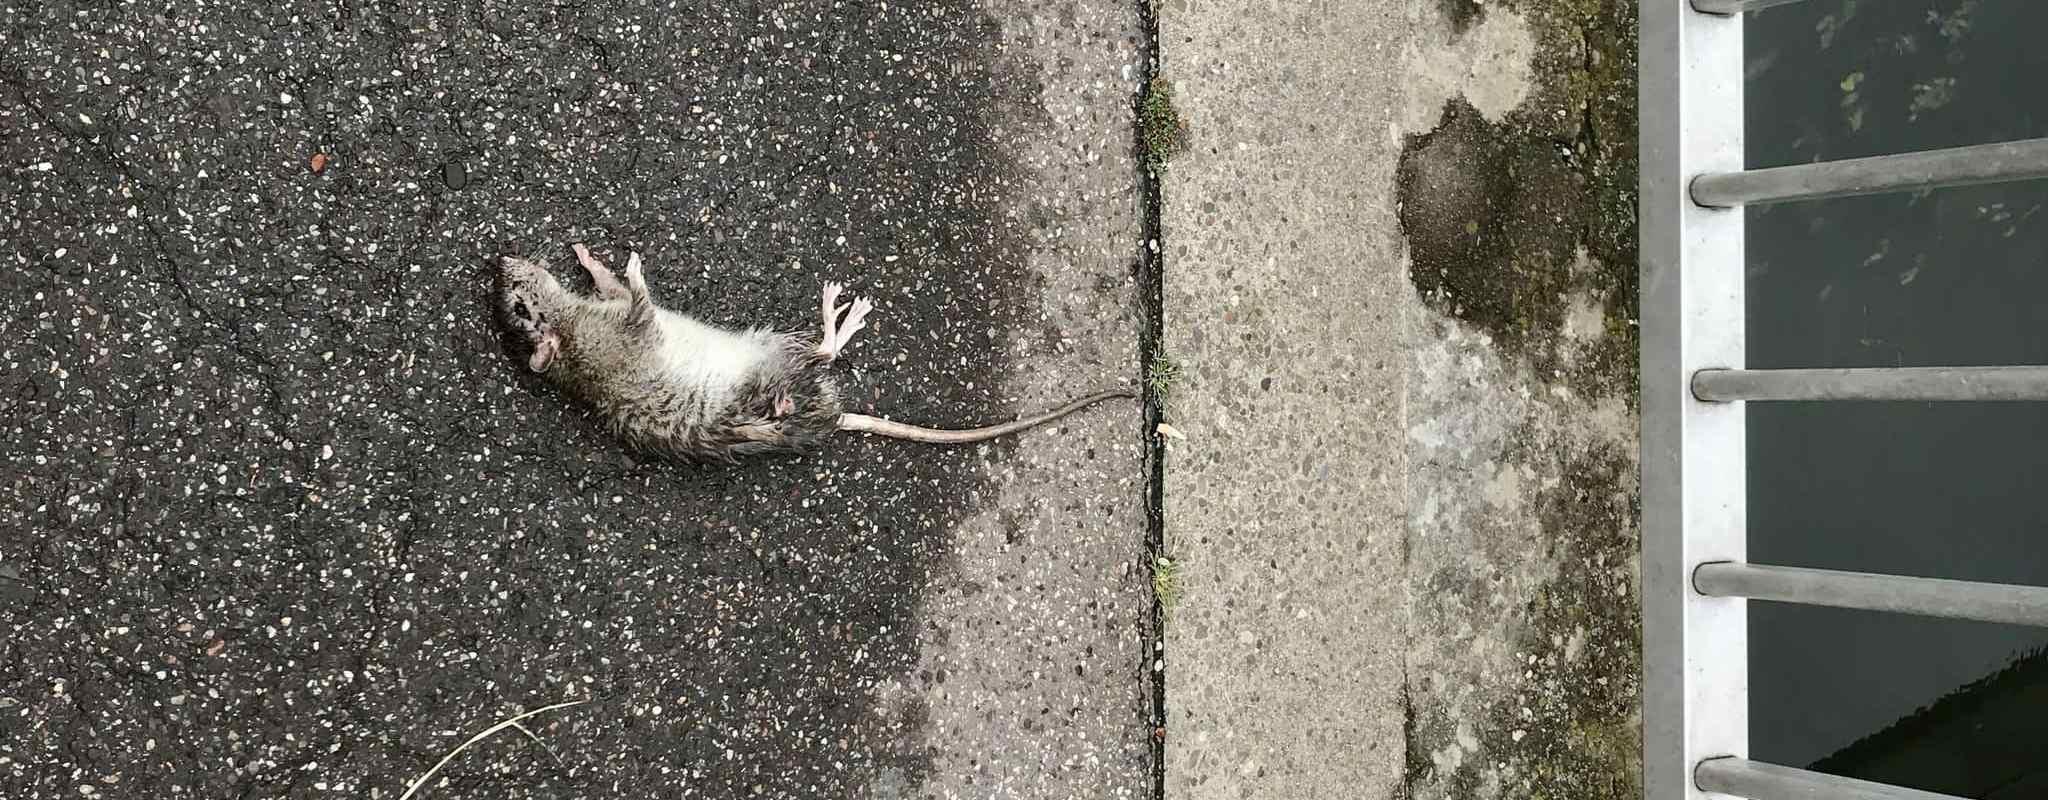 Contre les rats «répondons de manière urgente à la détresse de nombreux Strasbourgeois»